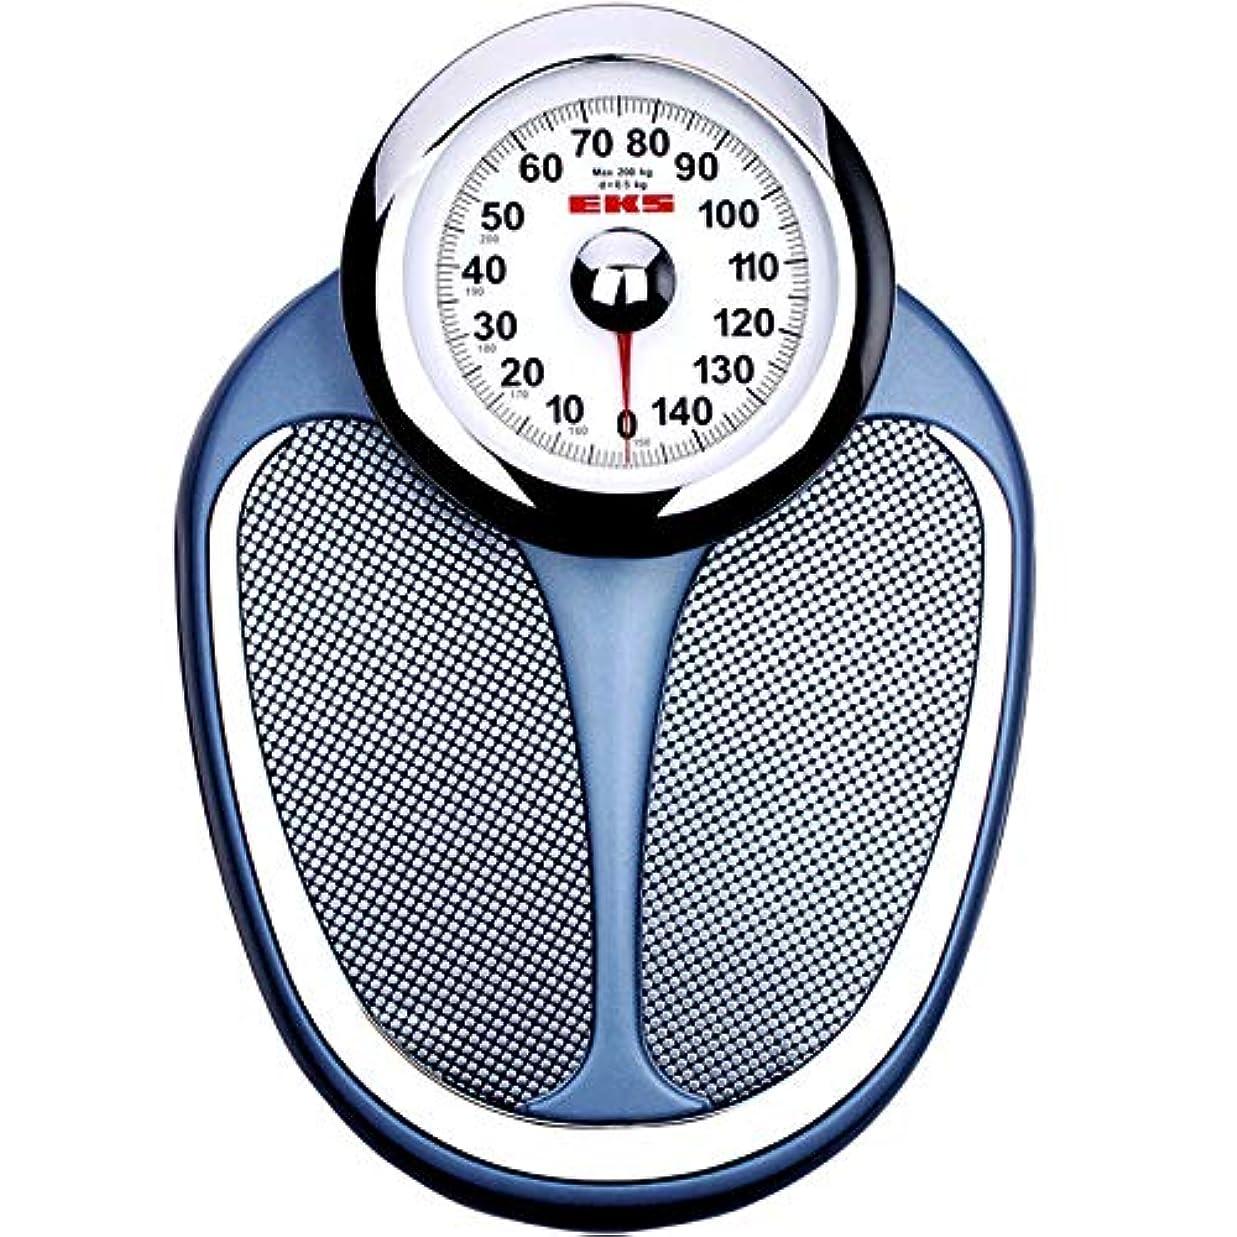 収入パターン抽象機械式体重計、アナログ体重計、精密体重計、プロ仕様、調整可能誤差、200kg(400ポンド)